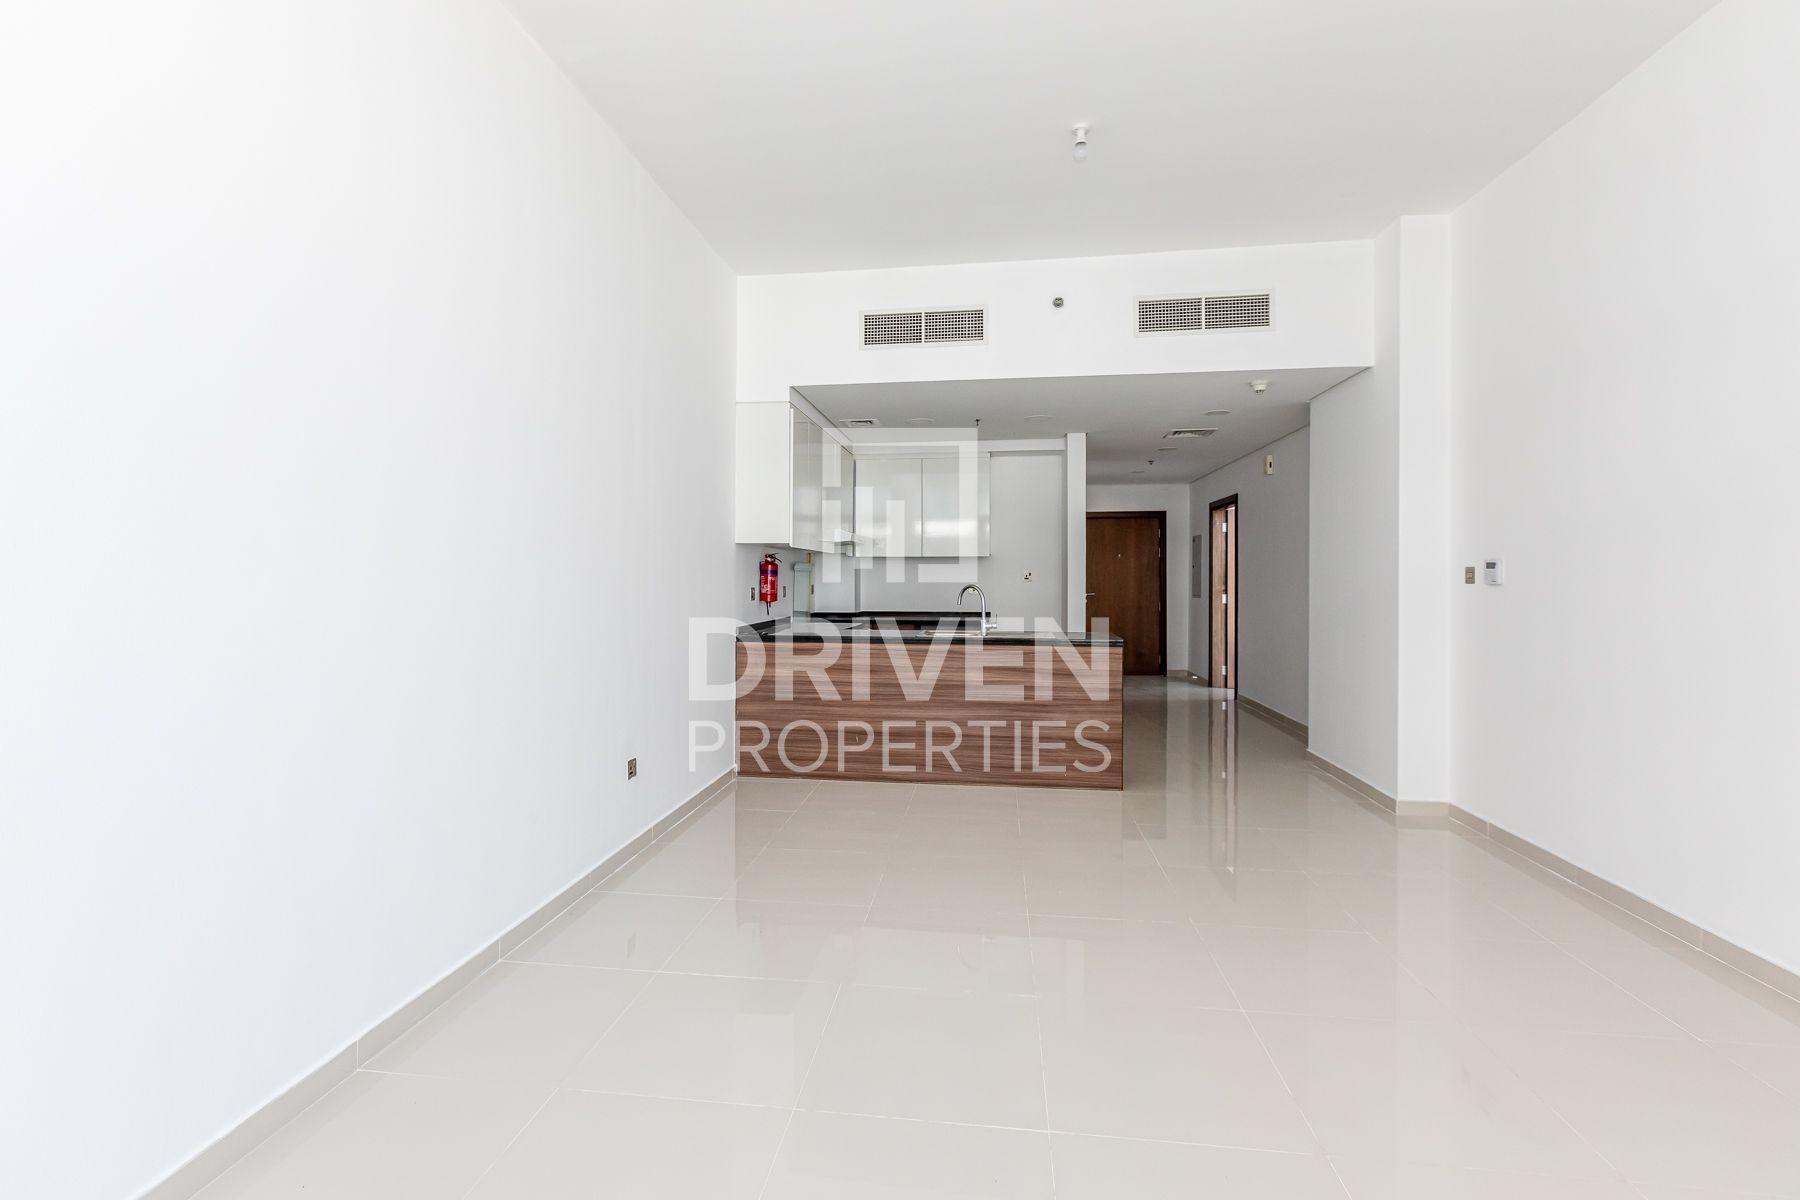 852 قدم مربع  شقة - للايجار - داماك هيلز (أكويا باي داماك)